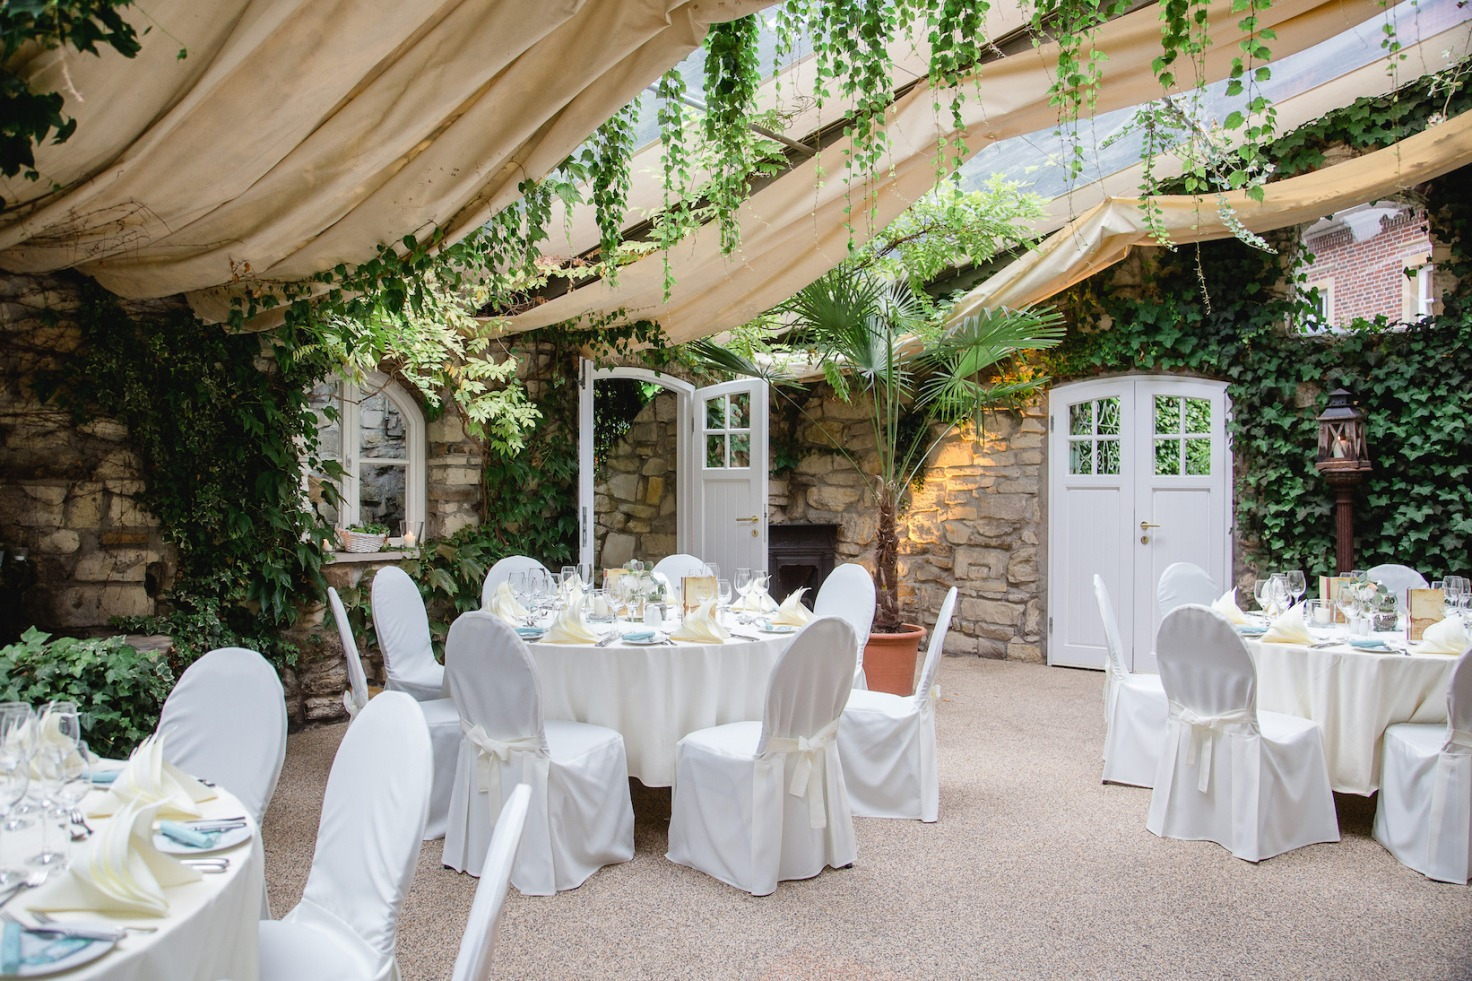 Hochzeit von Jennifer und Stefan in Münster: Geschmückter Saal mit Tischen und Stühlen